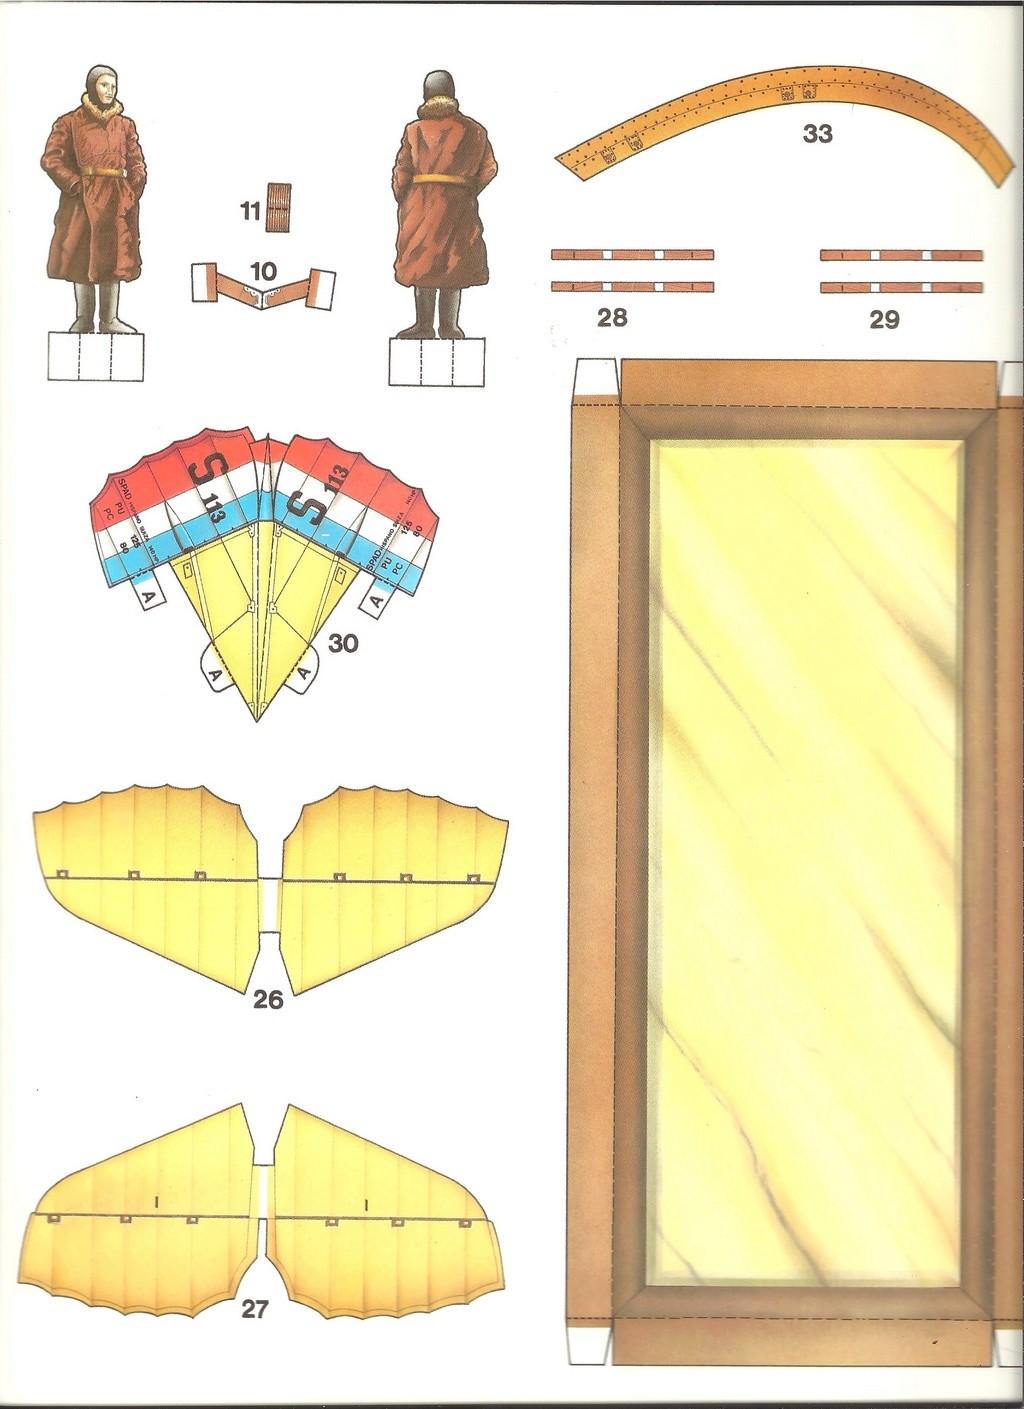 [LAROUSSE ] Maquette cartonnée n°1 SPAD VII au 1/30ème  Larous25